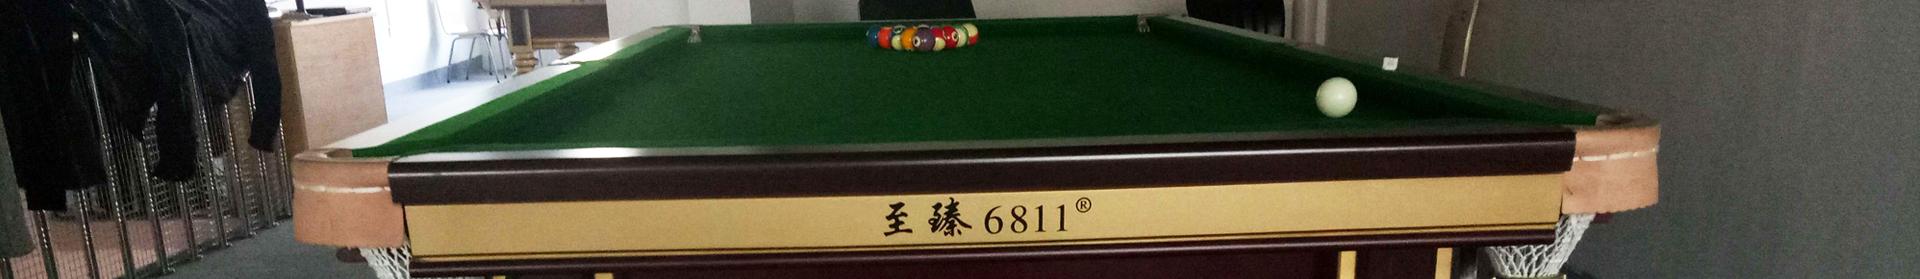 云南台球桌厂家